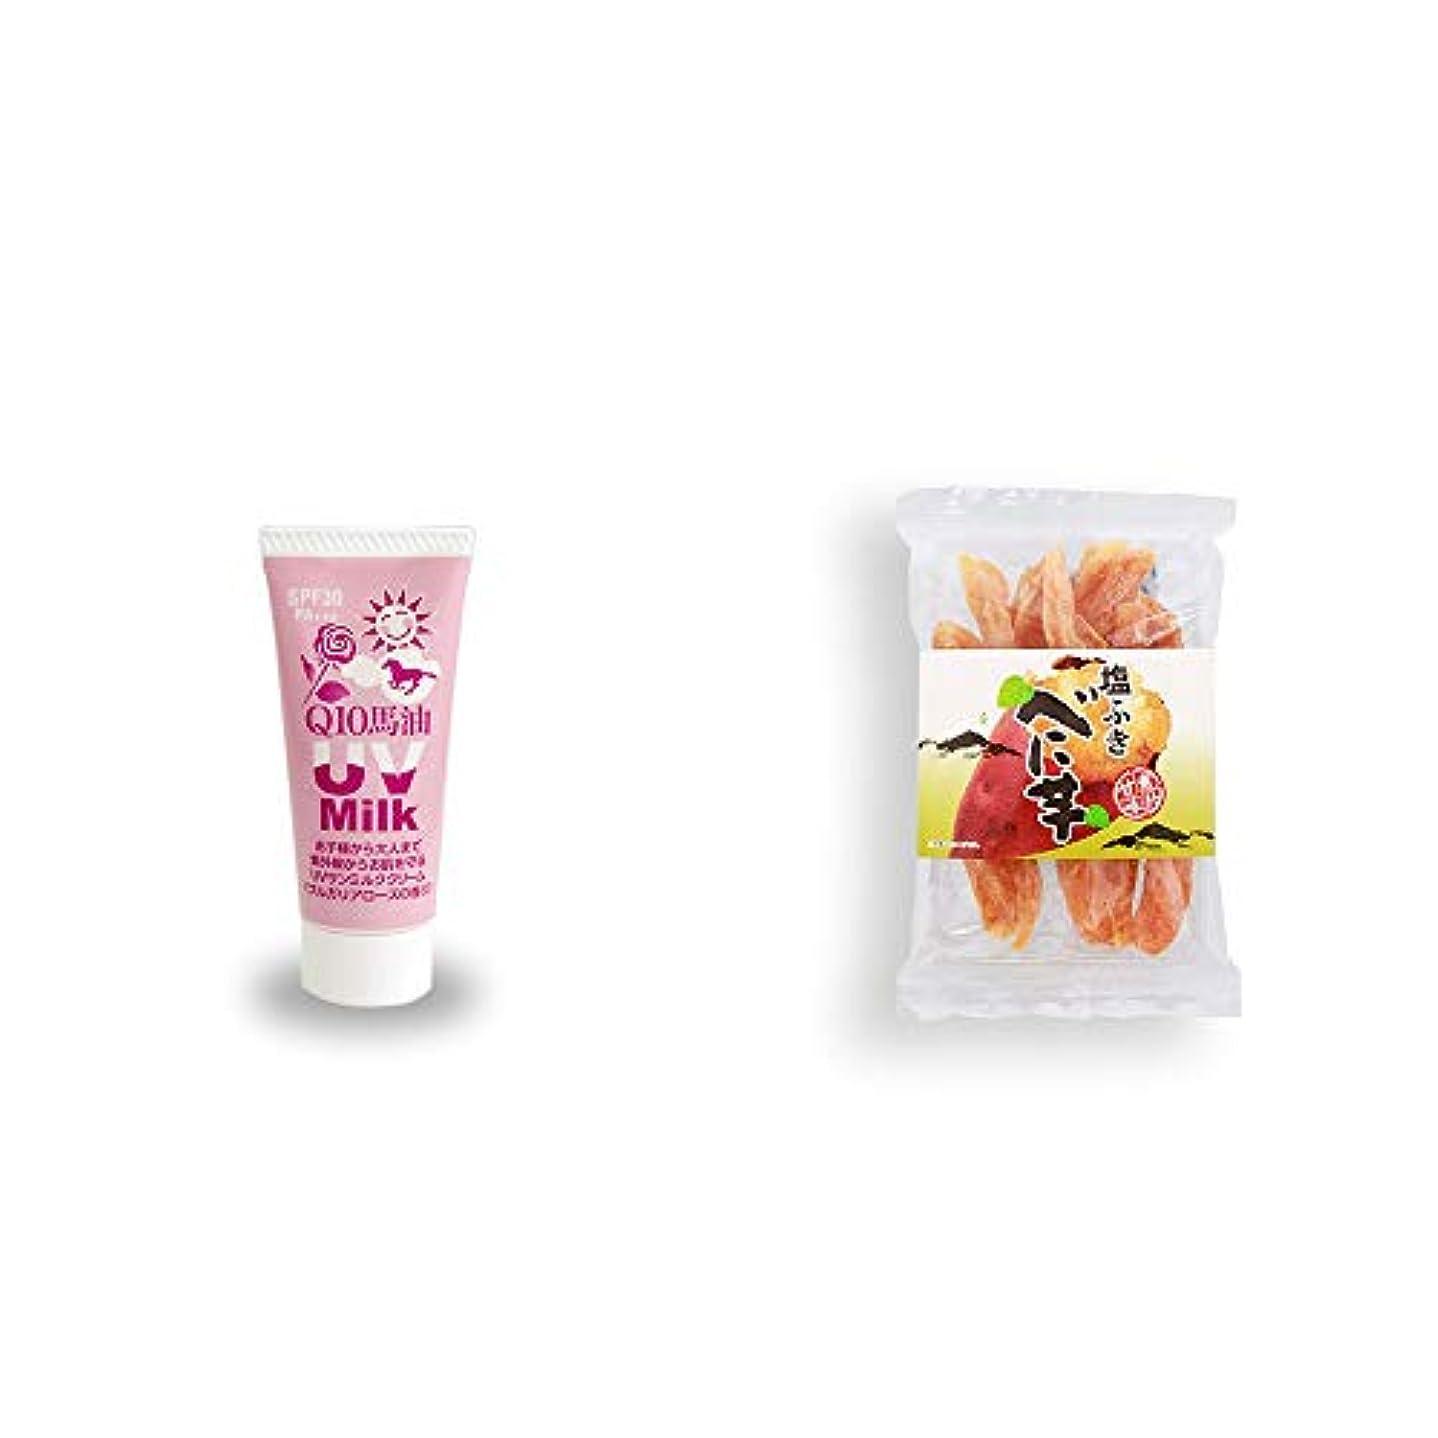 課すサリー損傷[2点セット] 炭黒泉 Q10馬油 UVサンミルク[ブルガリアローズ](40g)?塩ふき べに芋(250g)